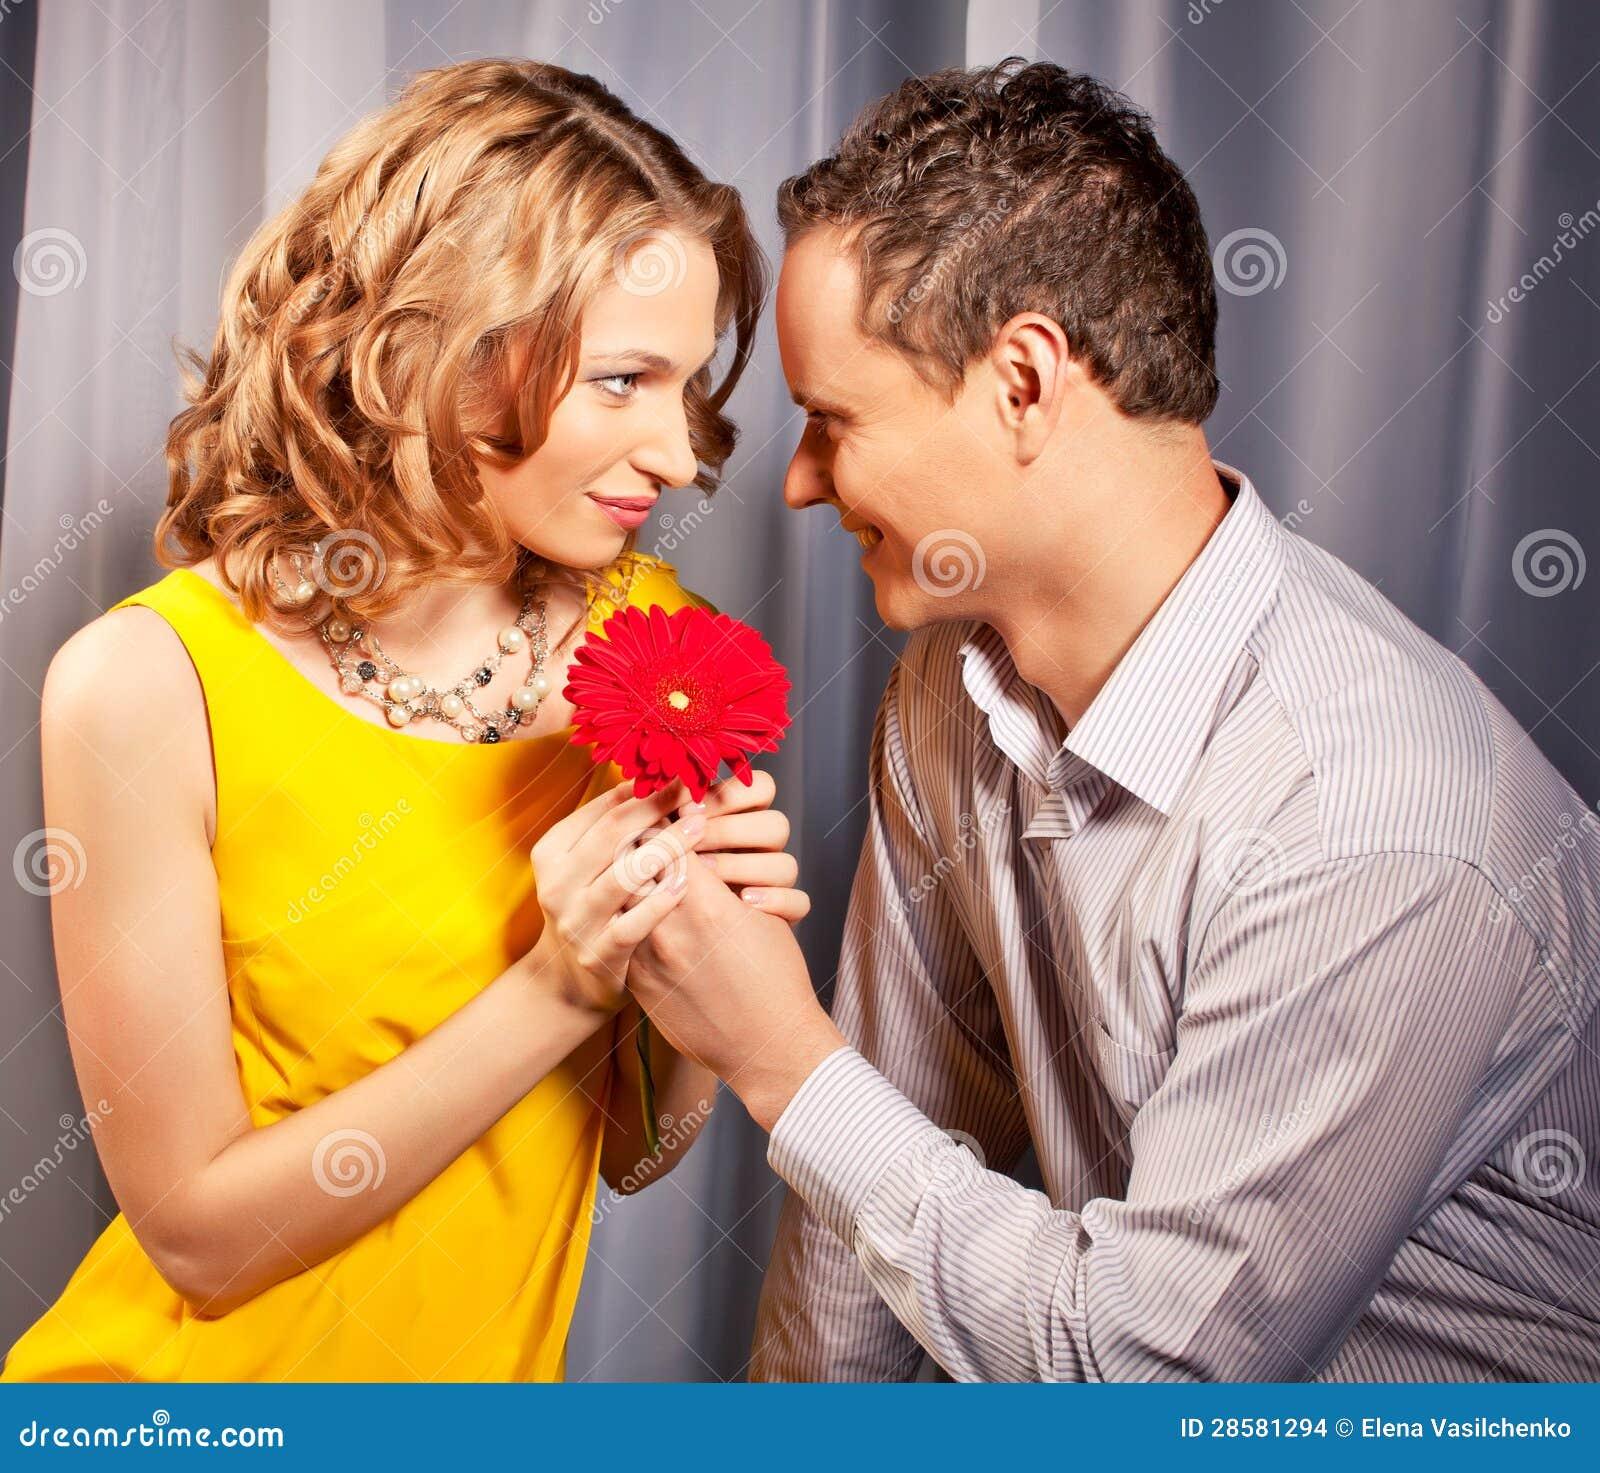 Attraktive Paare der Liebhaber. Mann stellt Blume dar.